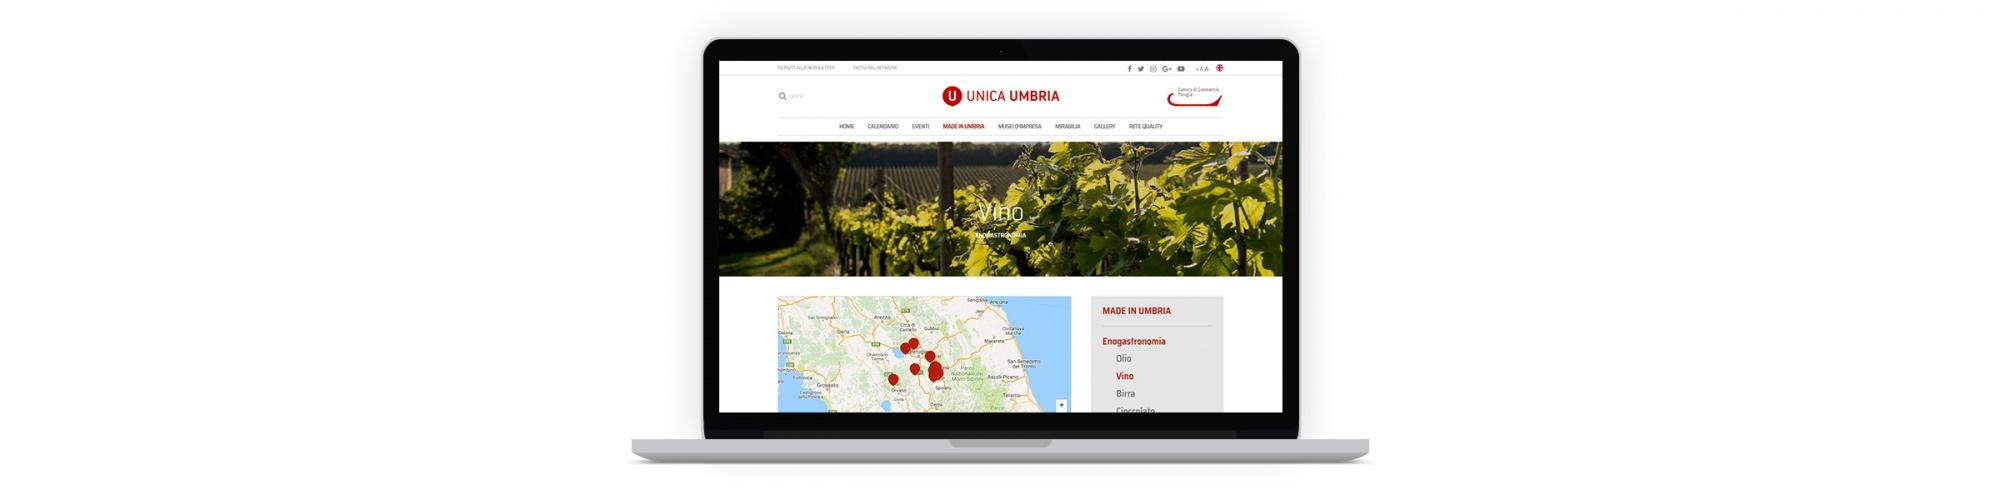 Sesinet Portfolio   Sito web per Unica Umbria